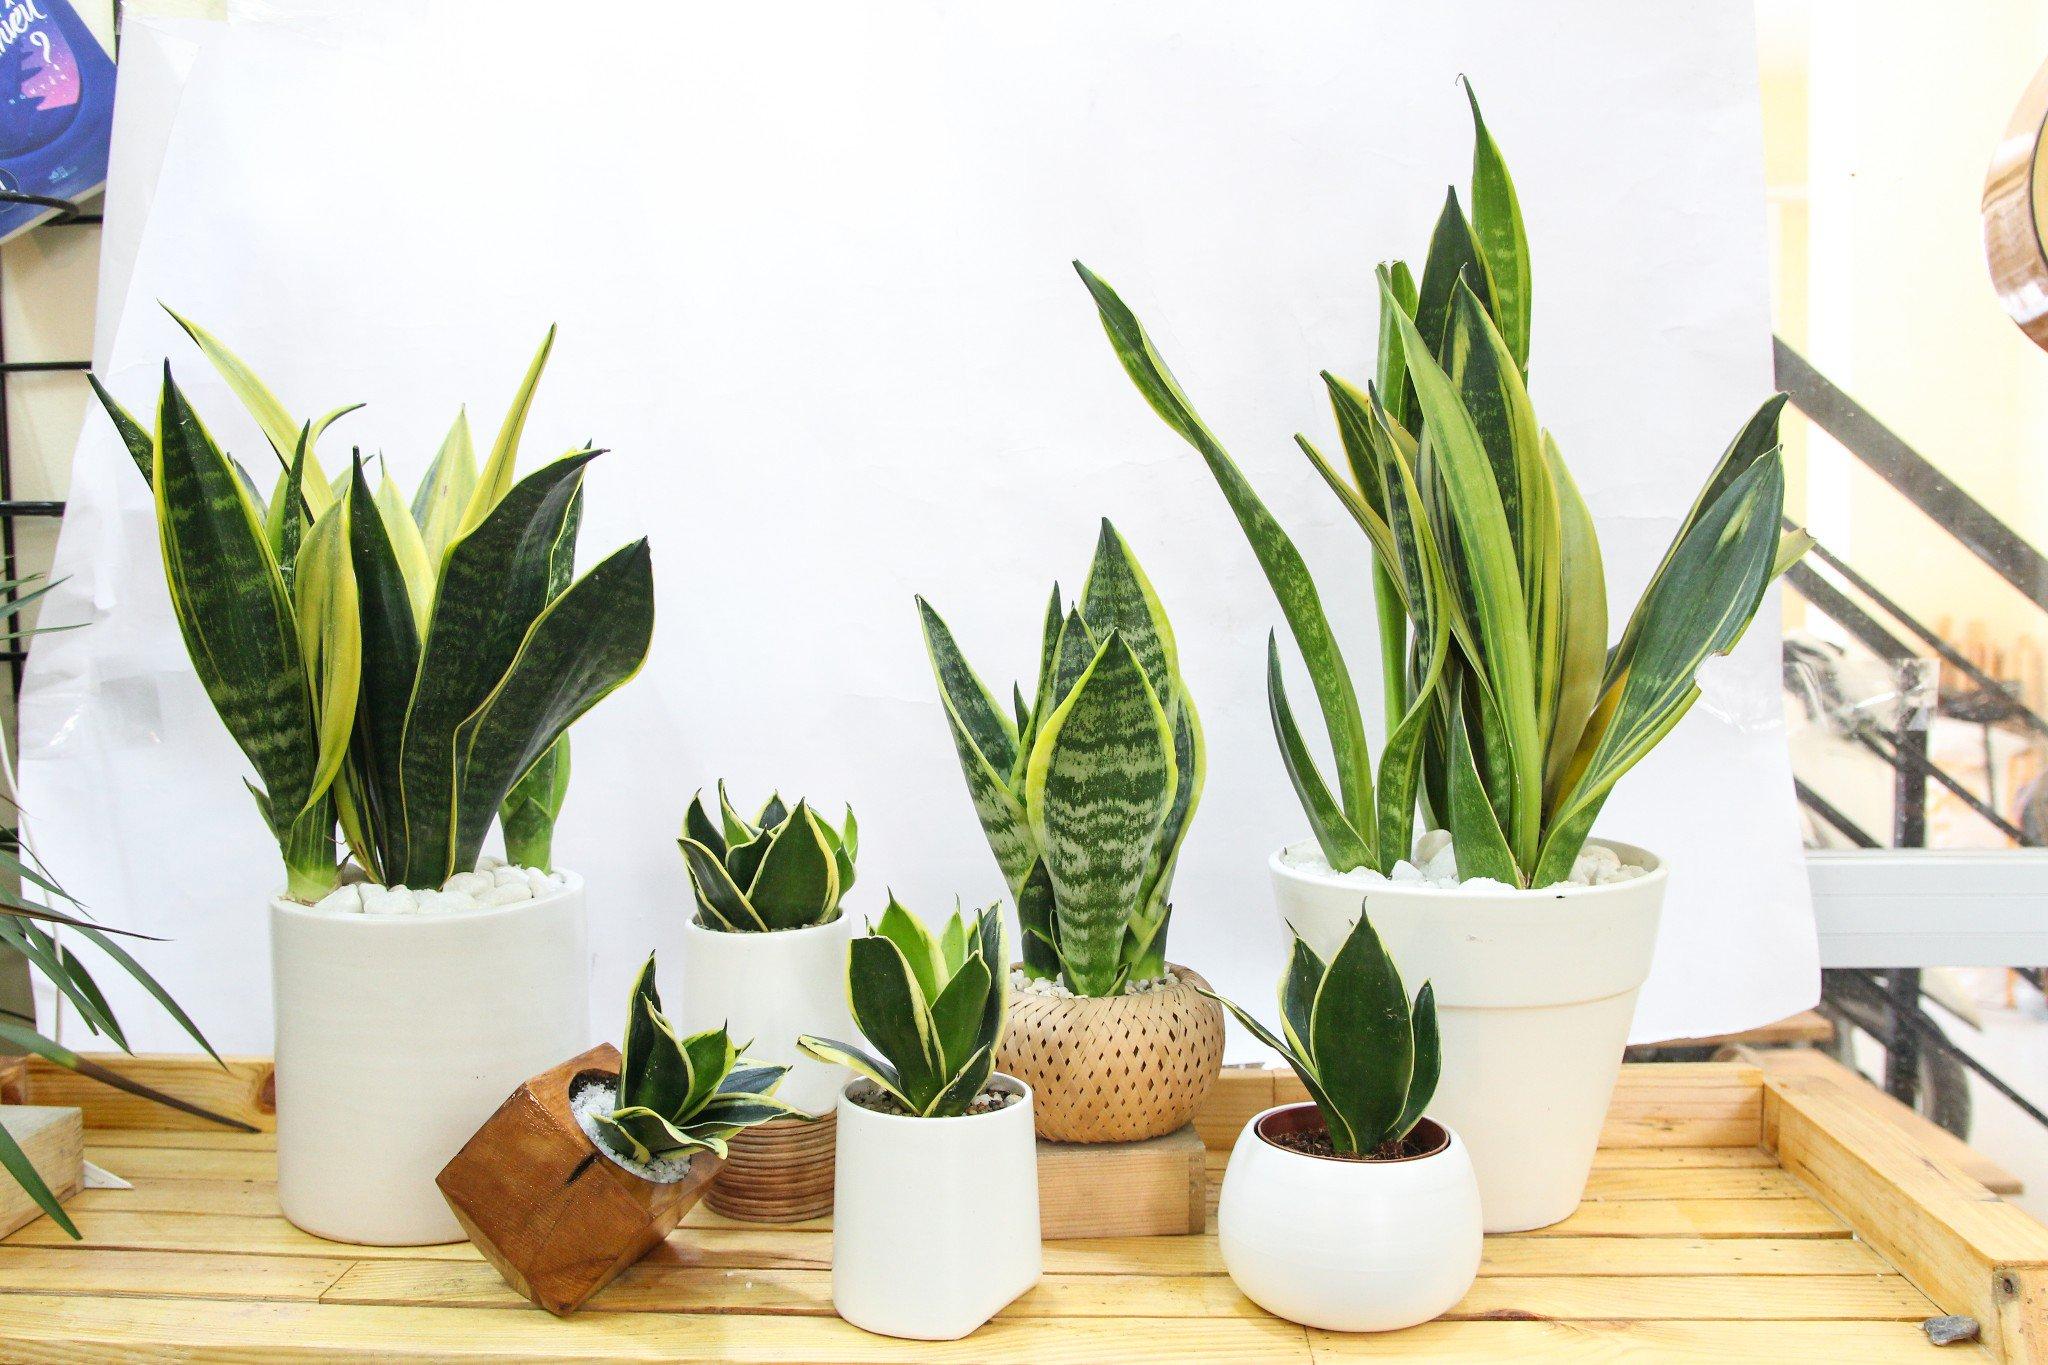 Không chỉ dễ trồng trong nhà những loài cây này còn giúp thanh lọc không khí